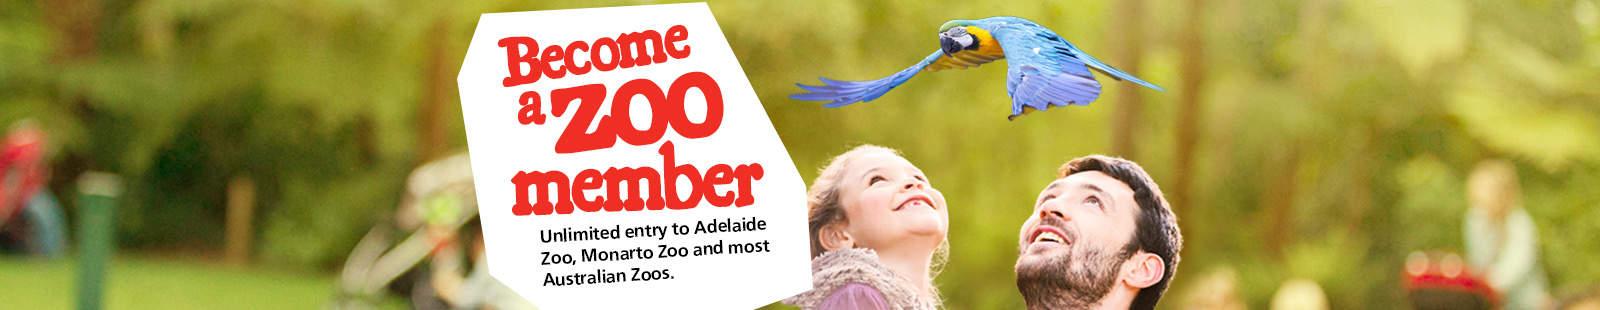 Zoo Memberships, Unlimited Access - Zoos SA